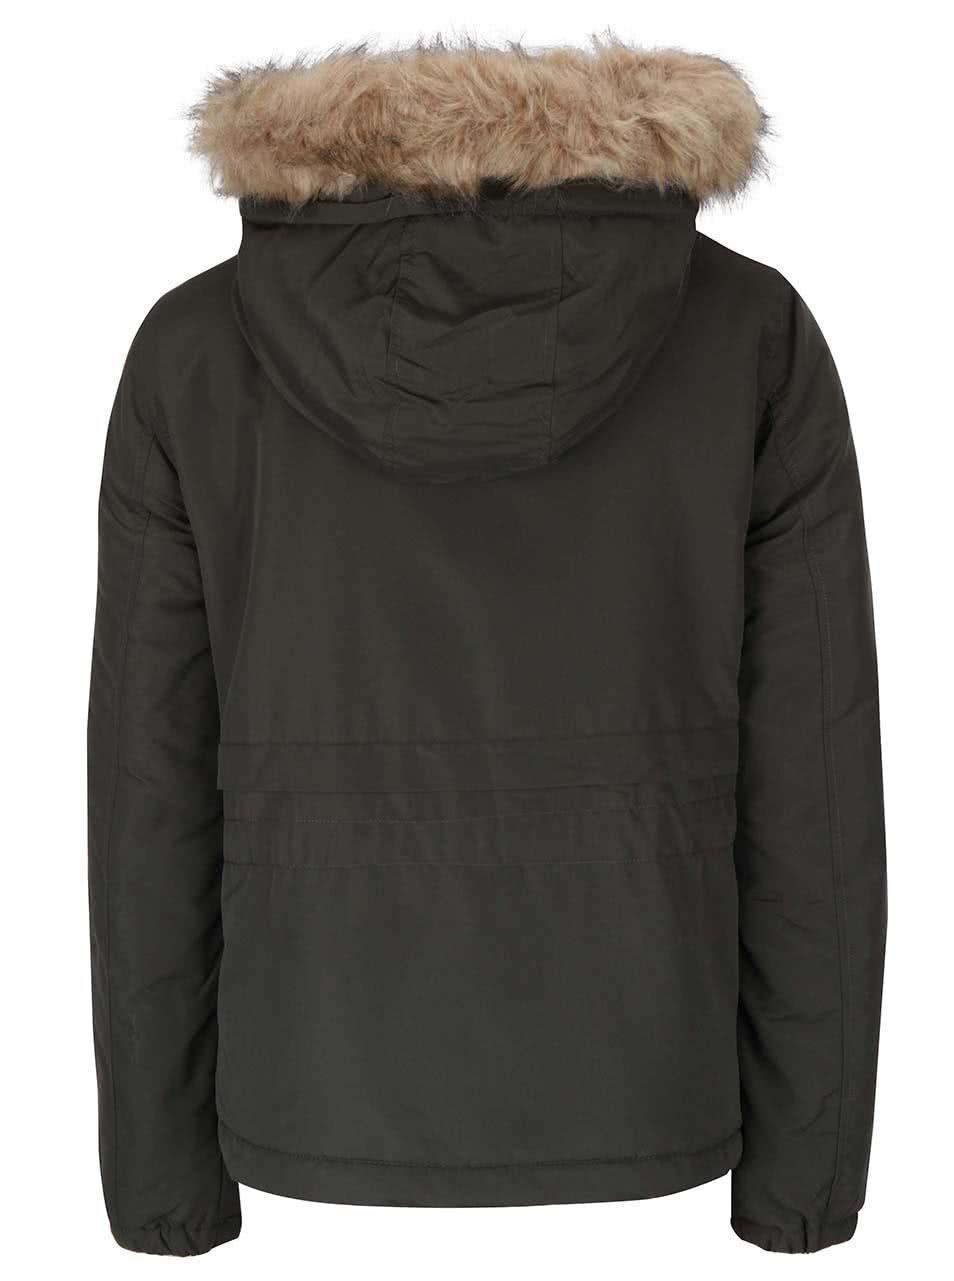 c09299f84c3e Tmavě zelená dámská bunda s kapucí VERO MODA Sabella ...